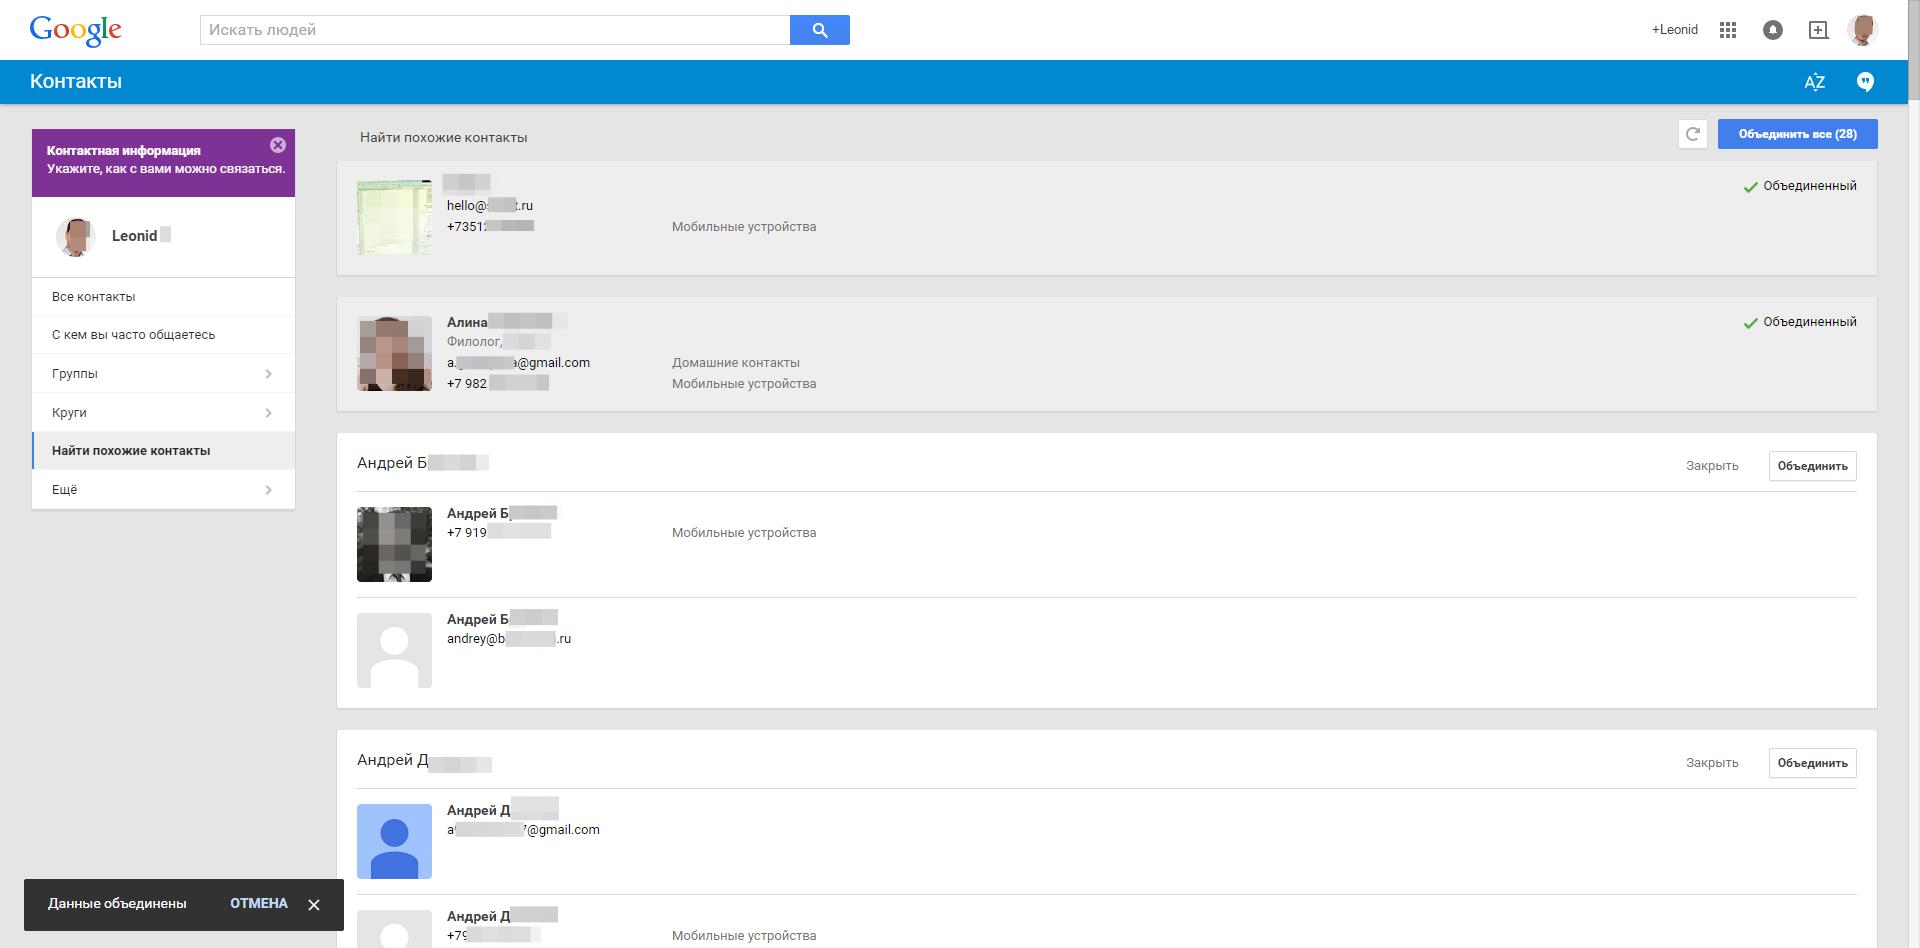 Гугл обновил приложение Контакты в интерфейсе GMail - 6